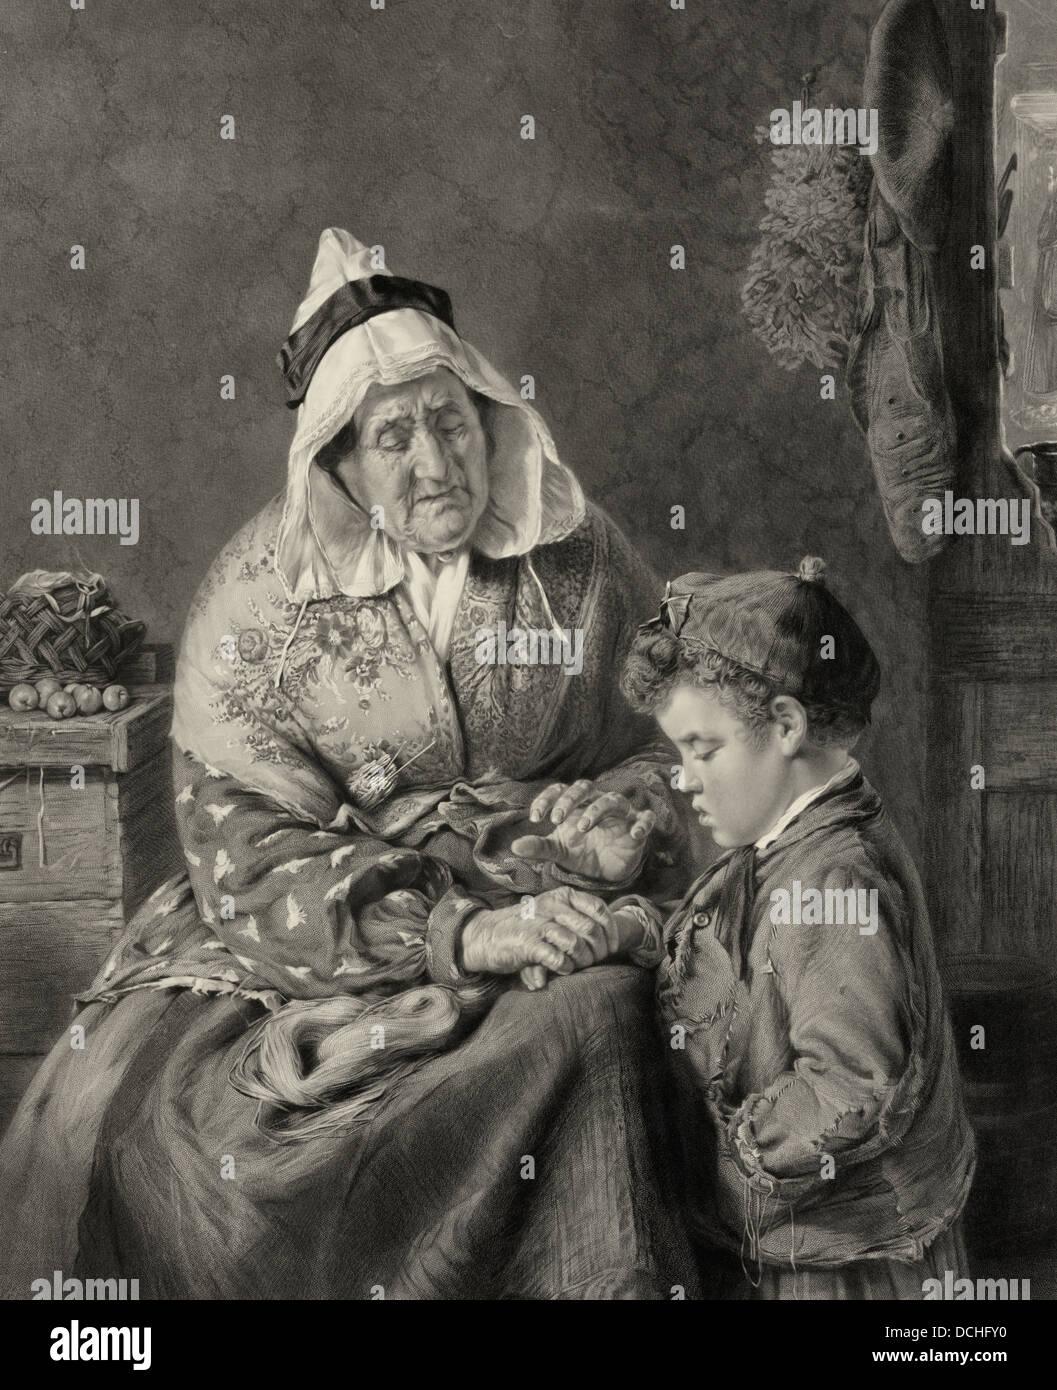 Toujours dire la vérité - une femme réprimandant un jeune garçon à toujours dire la vérité Photo Stock